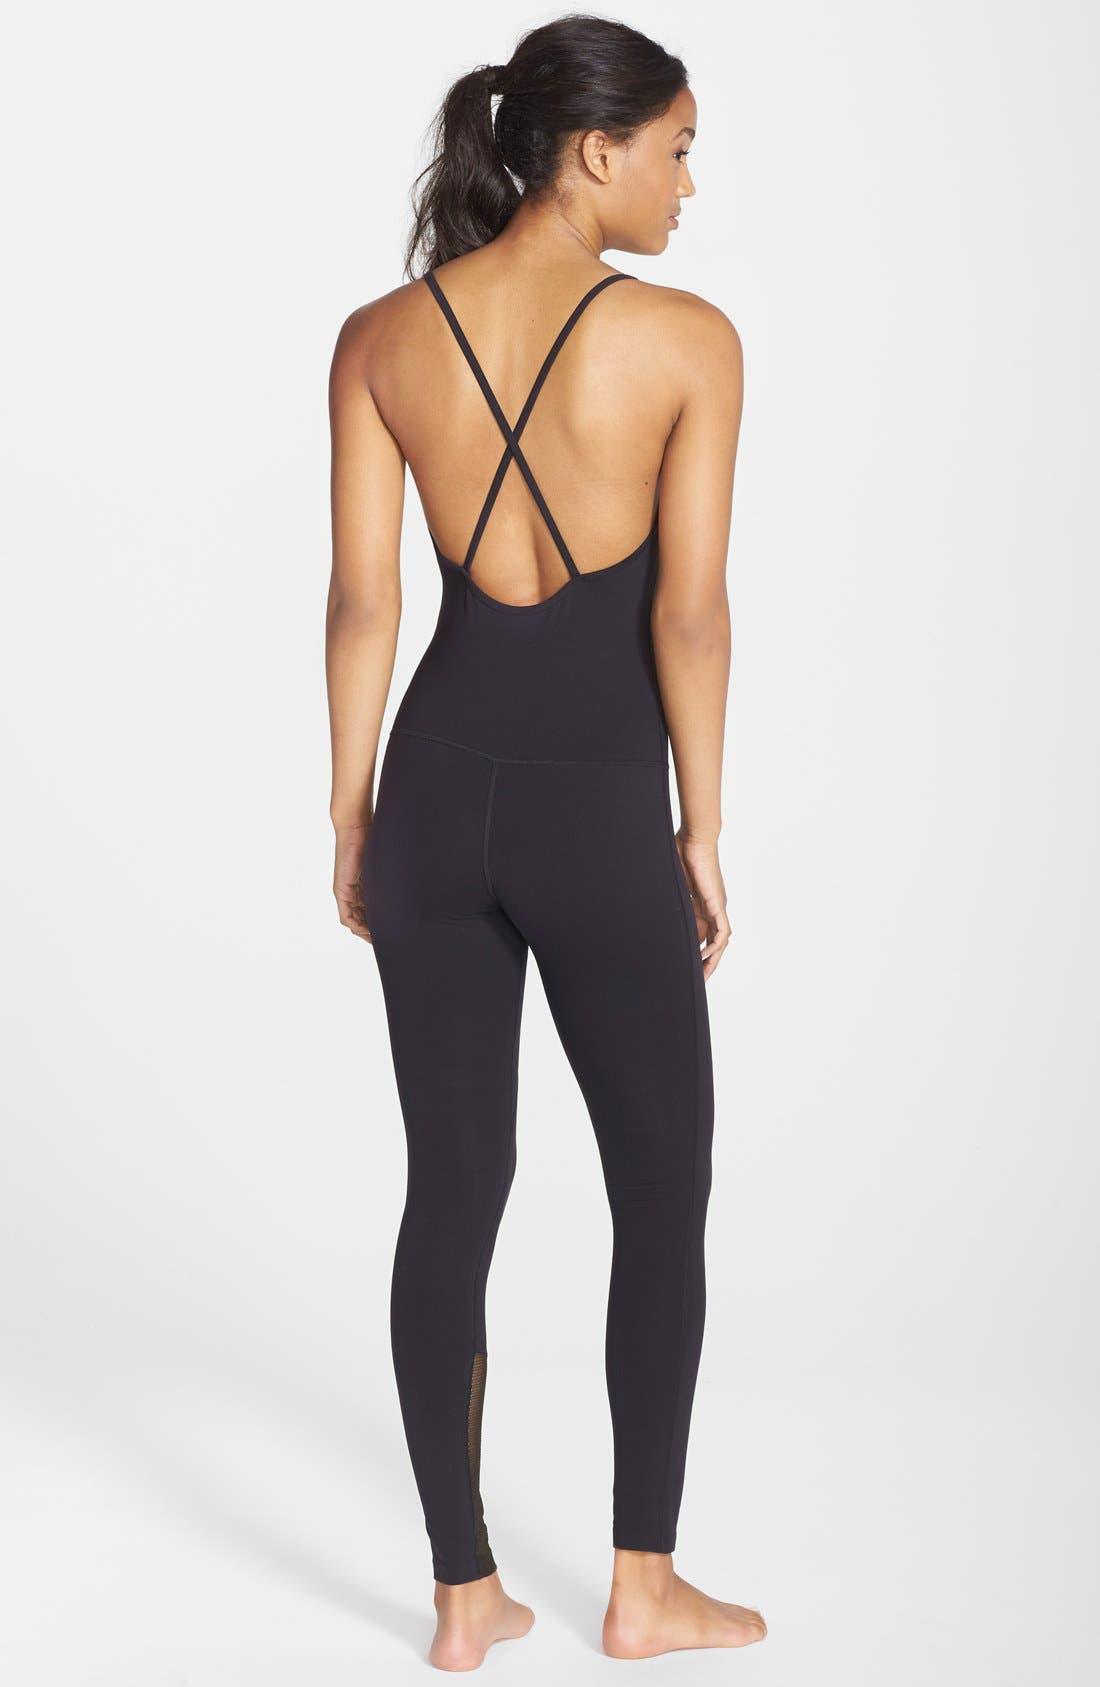 'Bianca Noir' Full Length Bodysuit,                             Alternate thumbnail 2, color,                             001